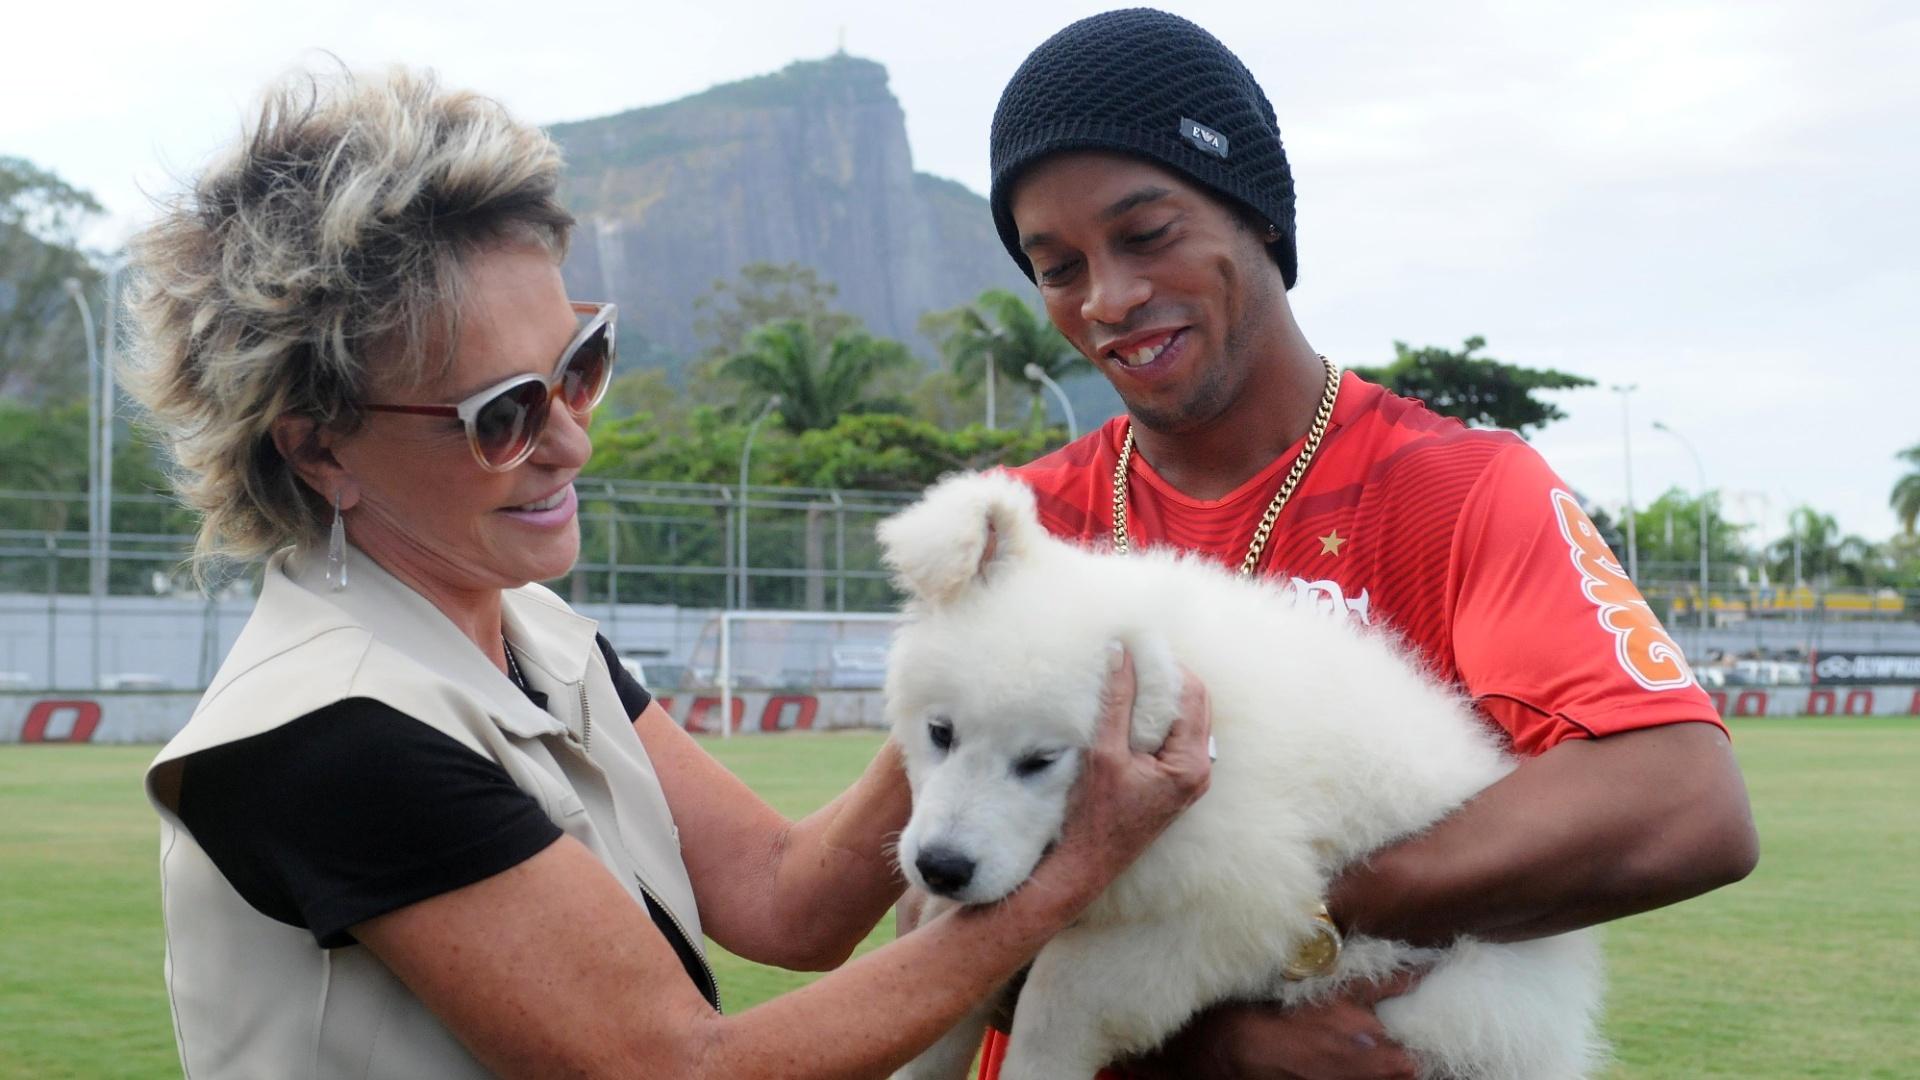 Cachorro Bola passará a morar com Ronaldinho Gaúcho